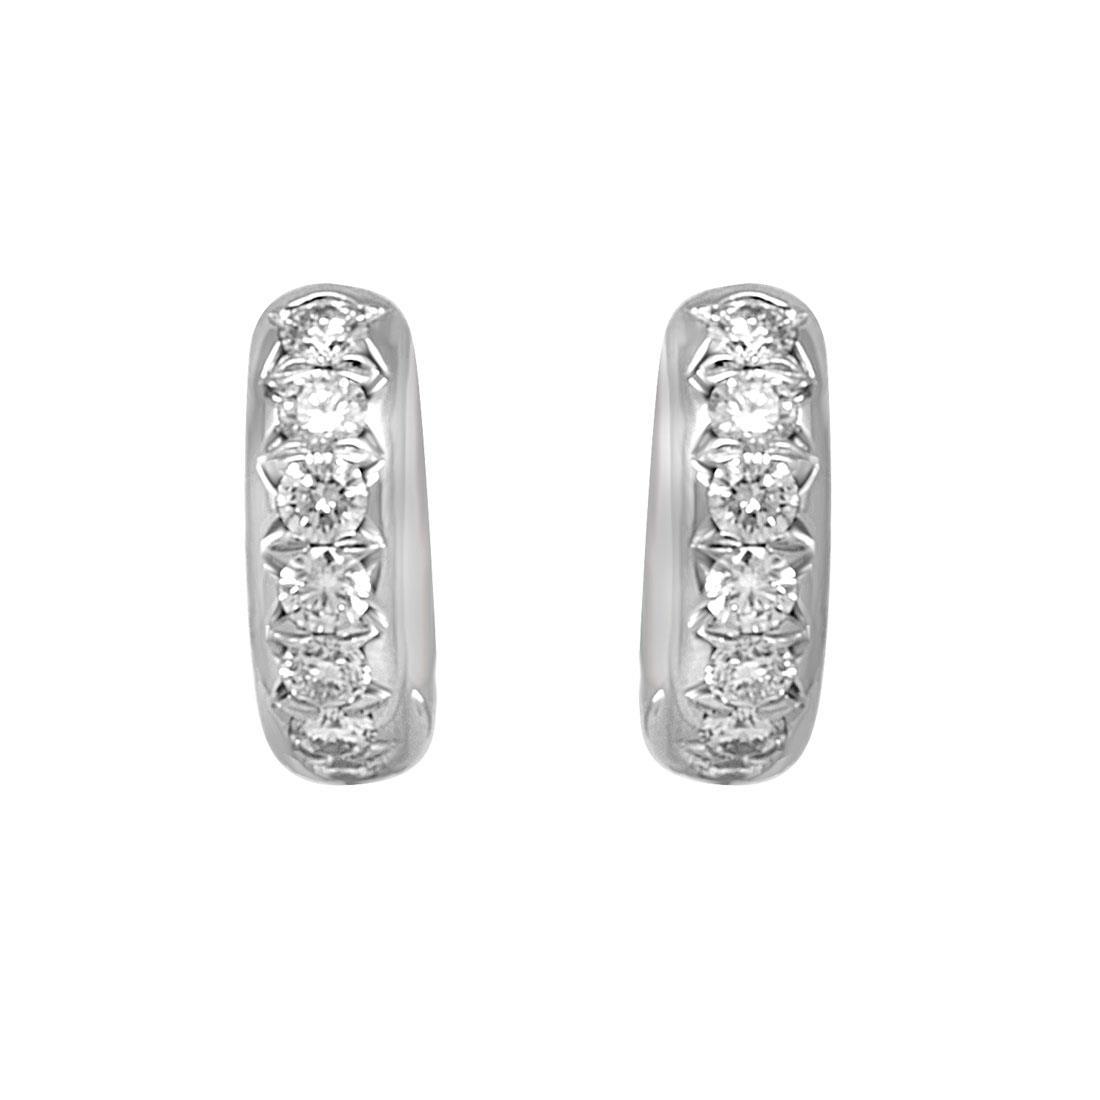 Orecchini Alfieri & St John in oro bianco con diamanti ct 1,12  - ALFIERI ST JOHN